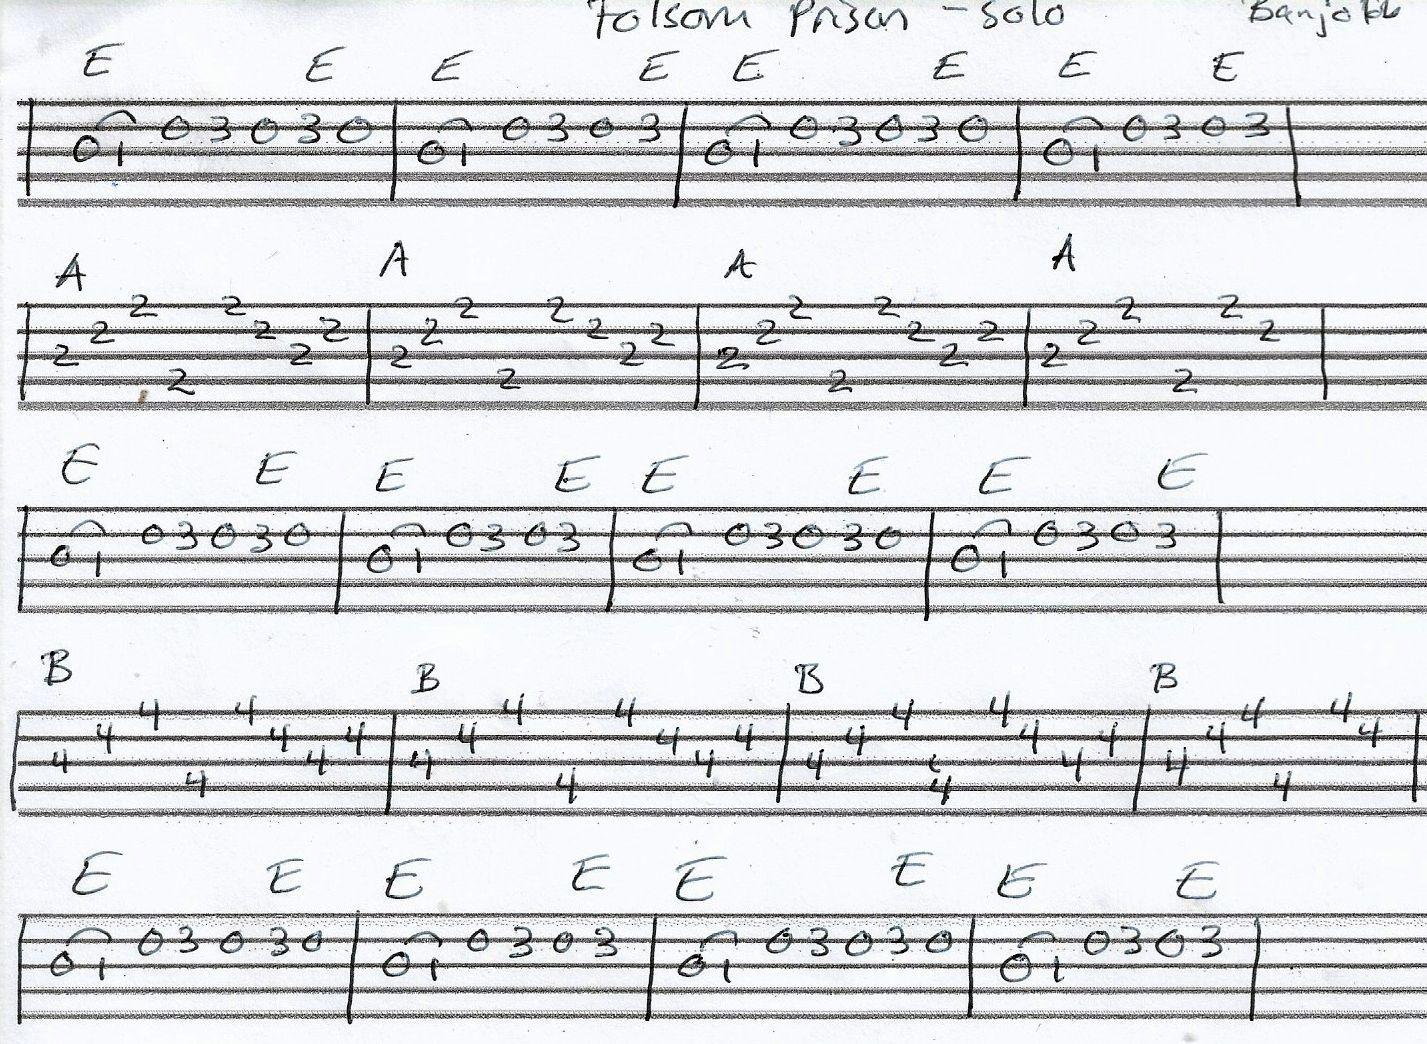 Folsom Prison Blues Banjo Tab In E Solo Banjo Tabs Banjo Lessons Banjo